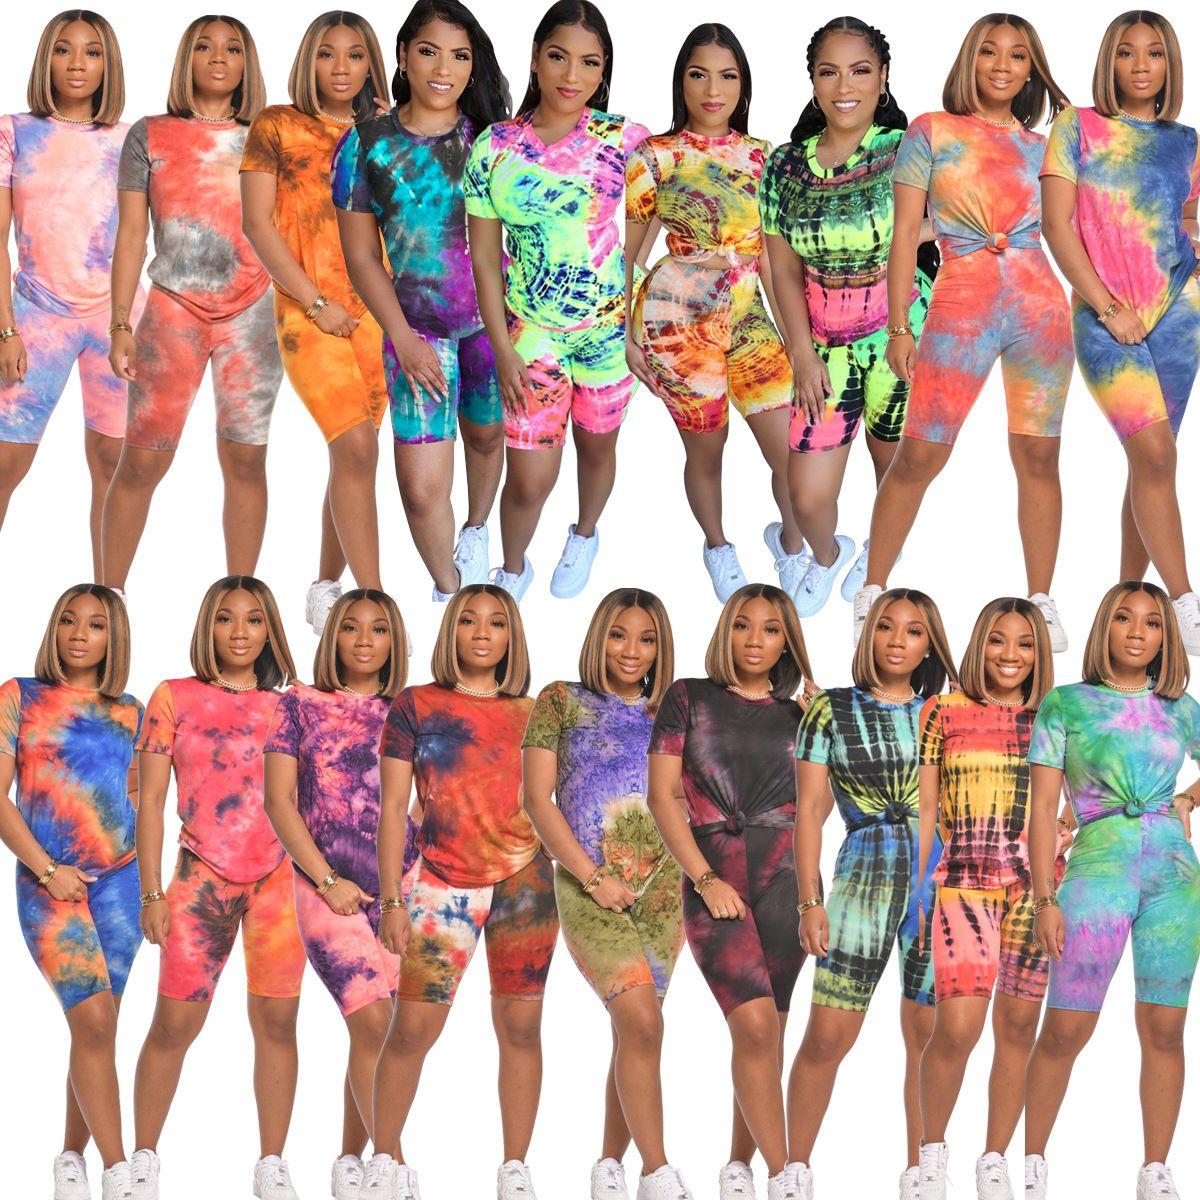 kadın moda rahat spor yuvarlak boyun kısa kollu tişört üst şort iki parçalı set koşu takım elbise gömlek modelleri kadın Tavsiye yazdırma'den